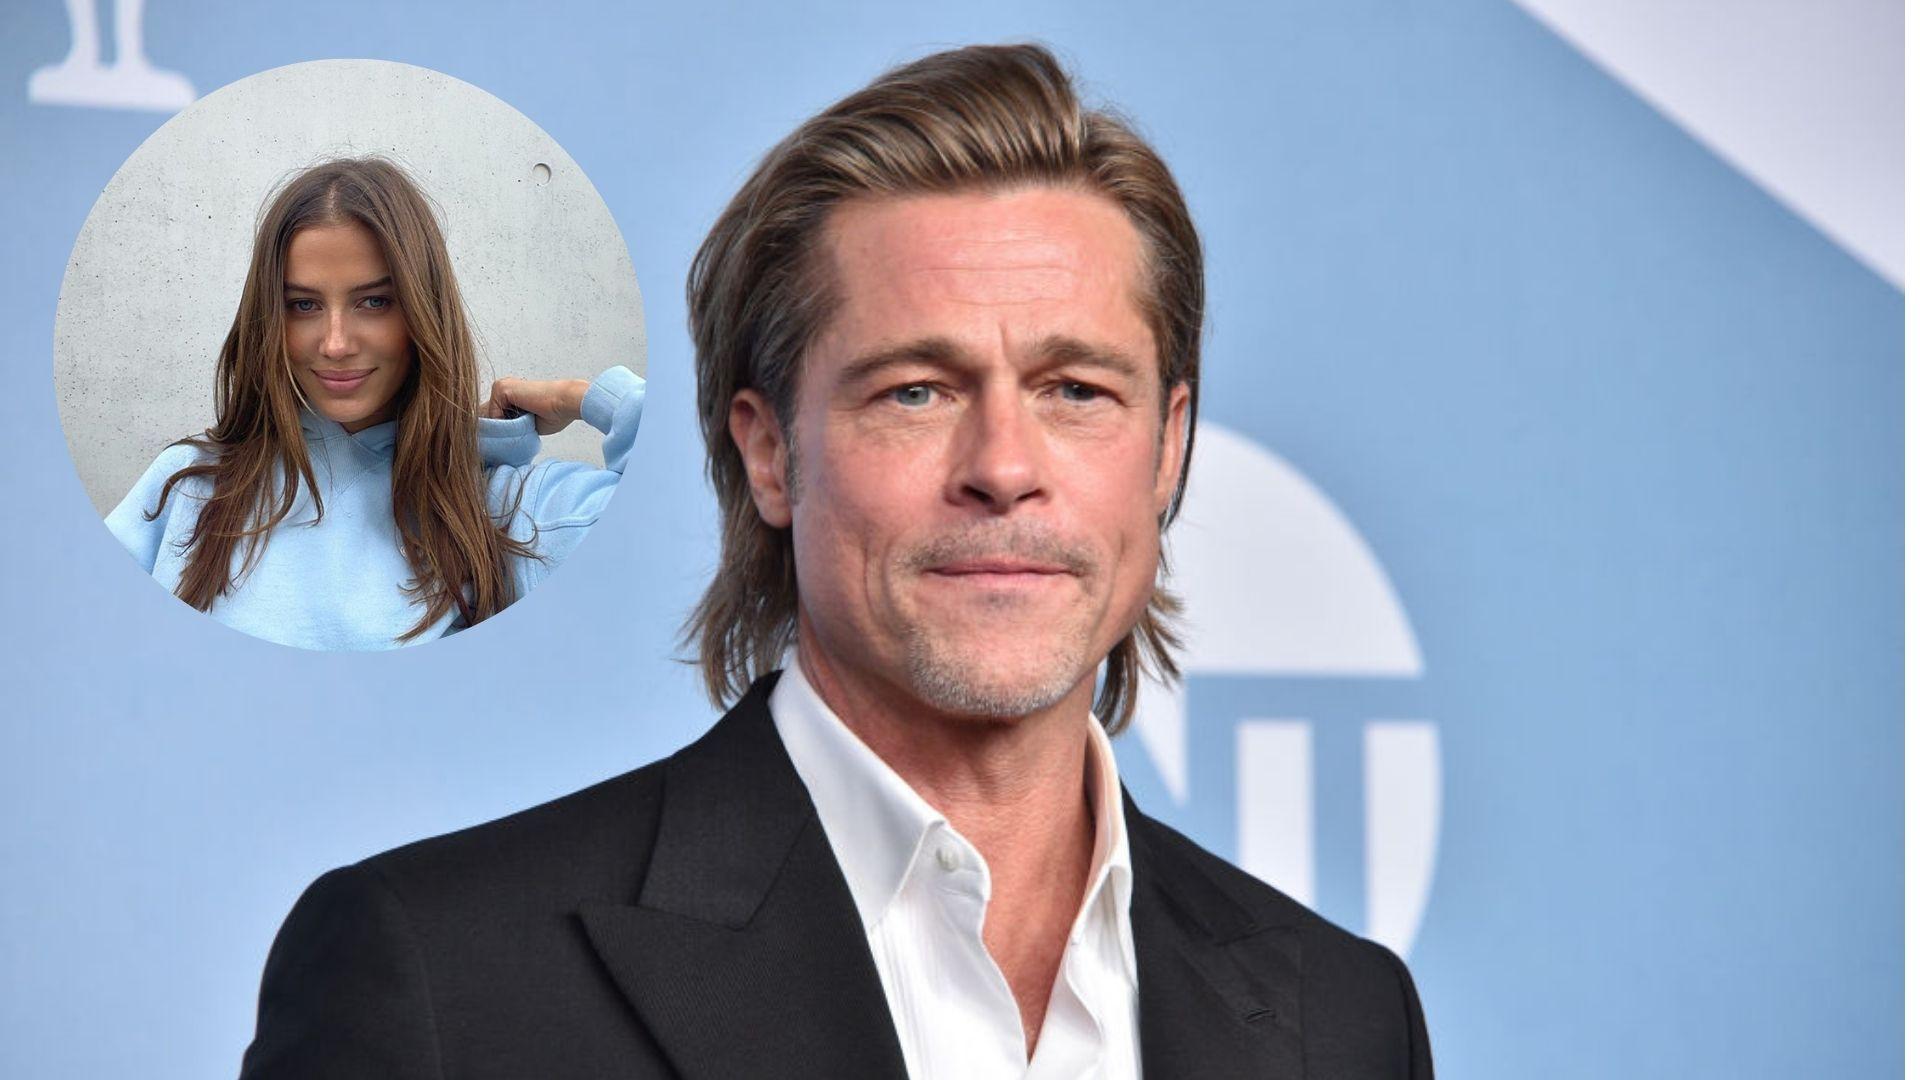 Vererat E Brad Pitt Shiten Te Restoranti I Bashkeshortit Te Nicole Poturalski E Dashura E Re E Aktorit Telegrafi